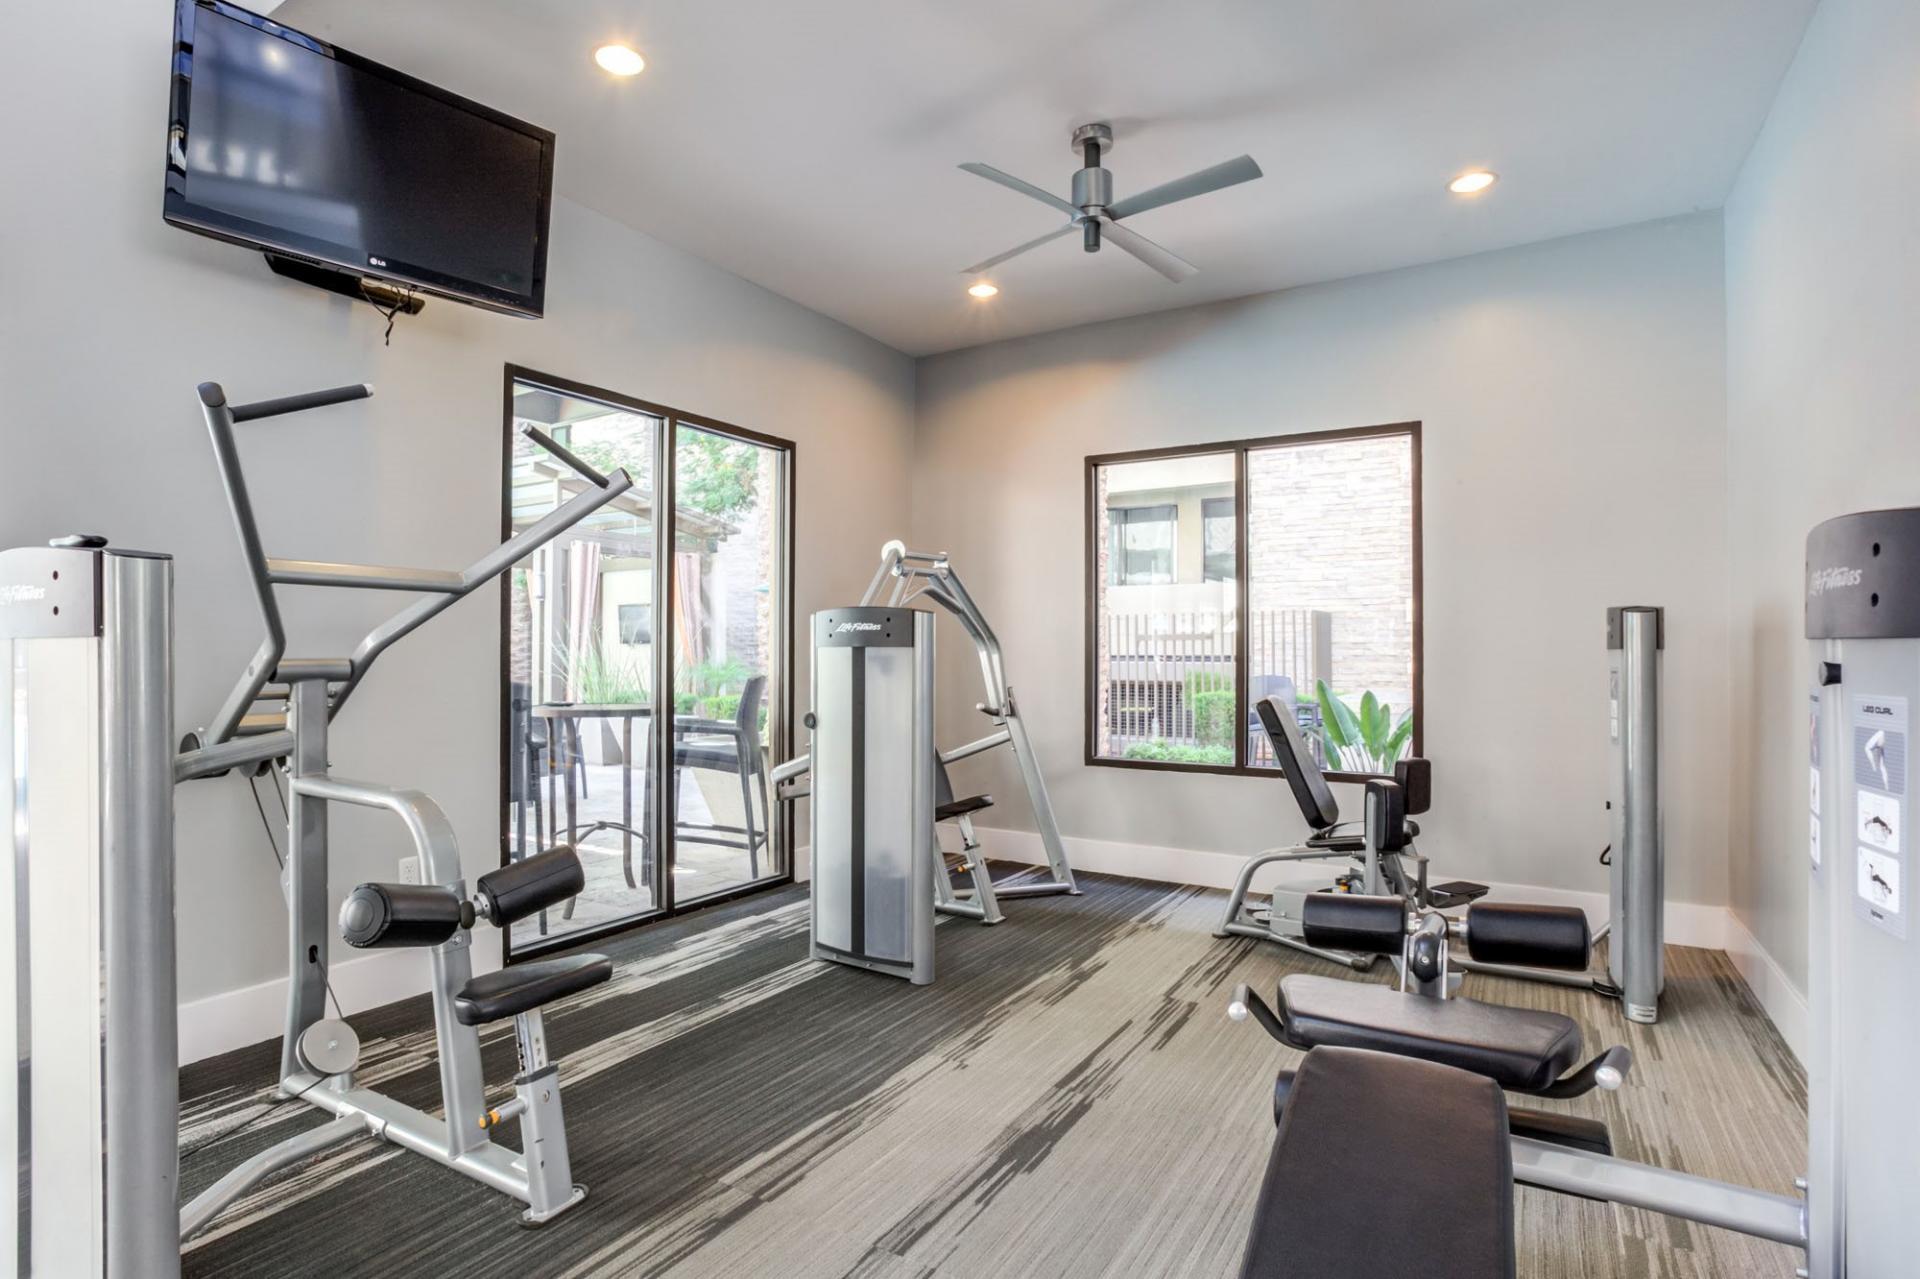 Gym at Biltmore at Camelback Apartments